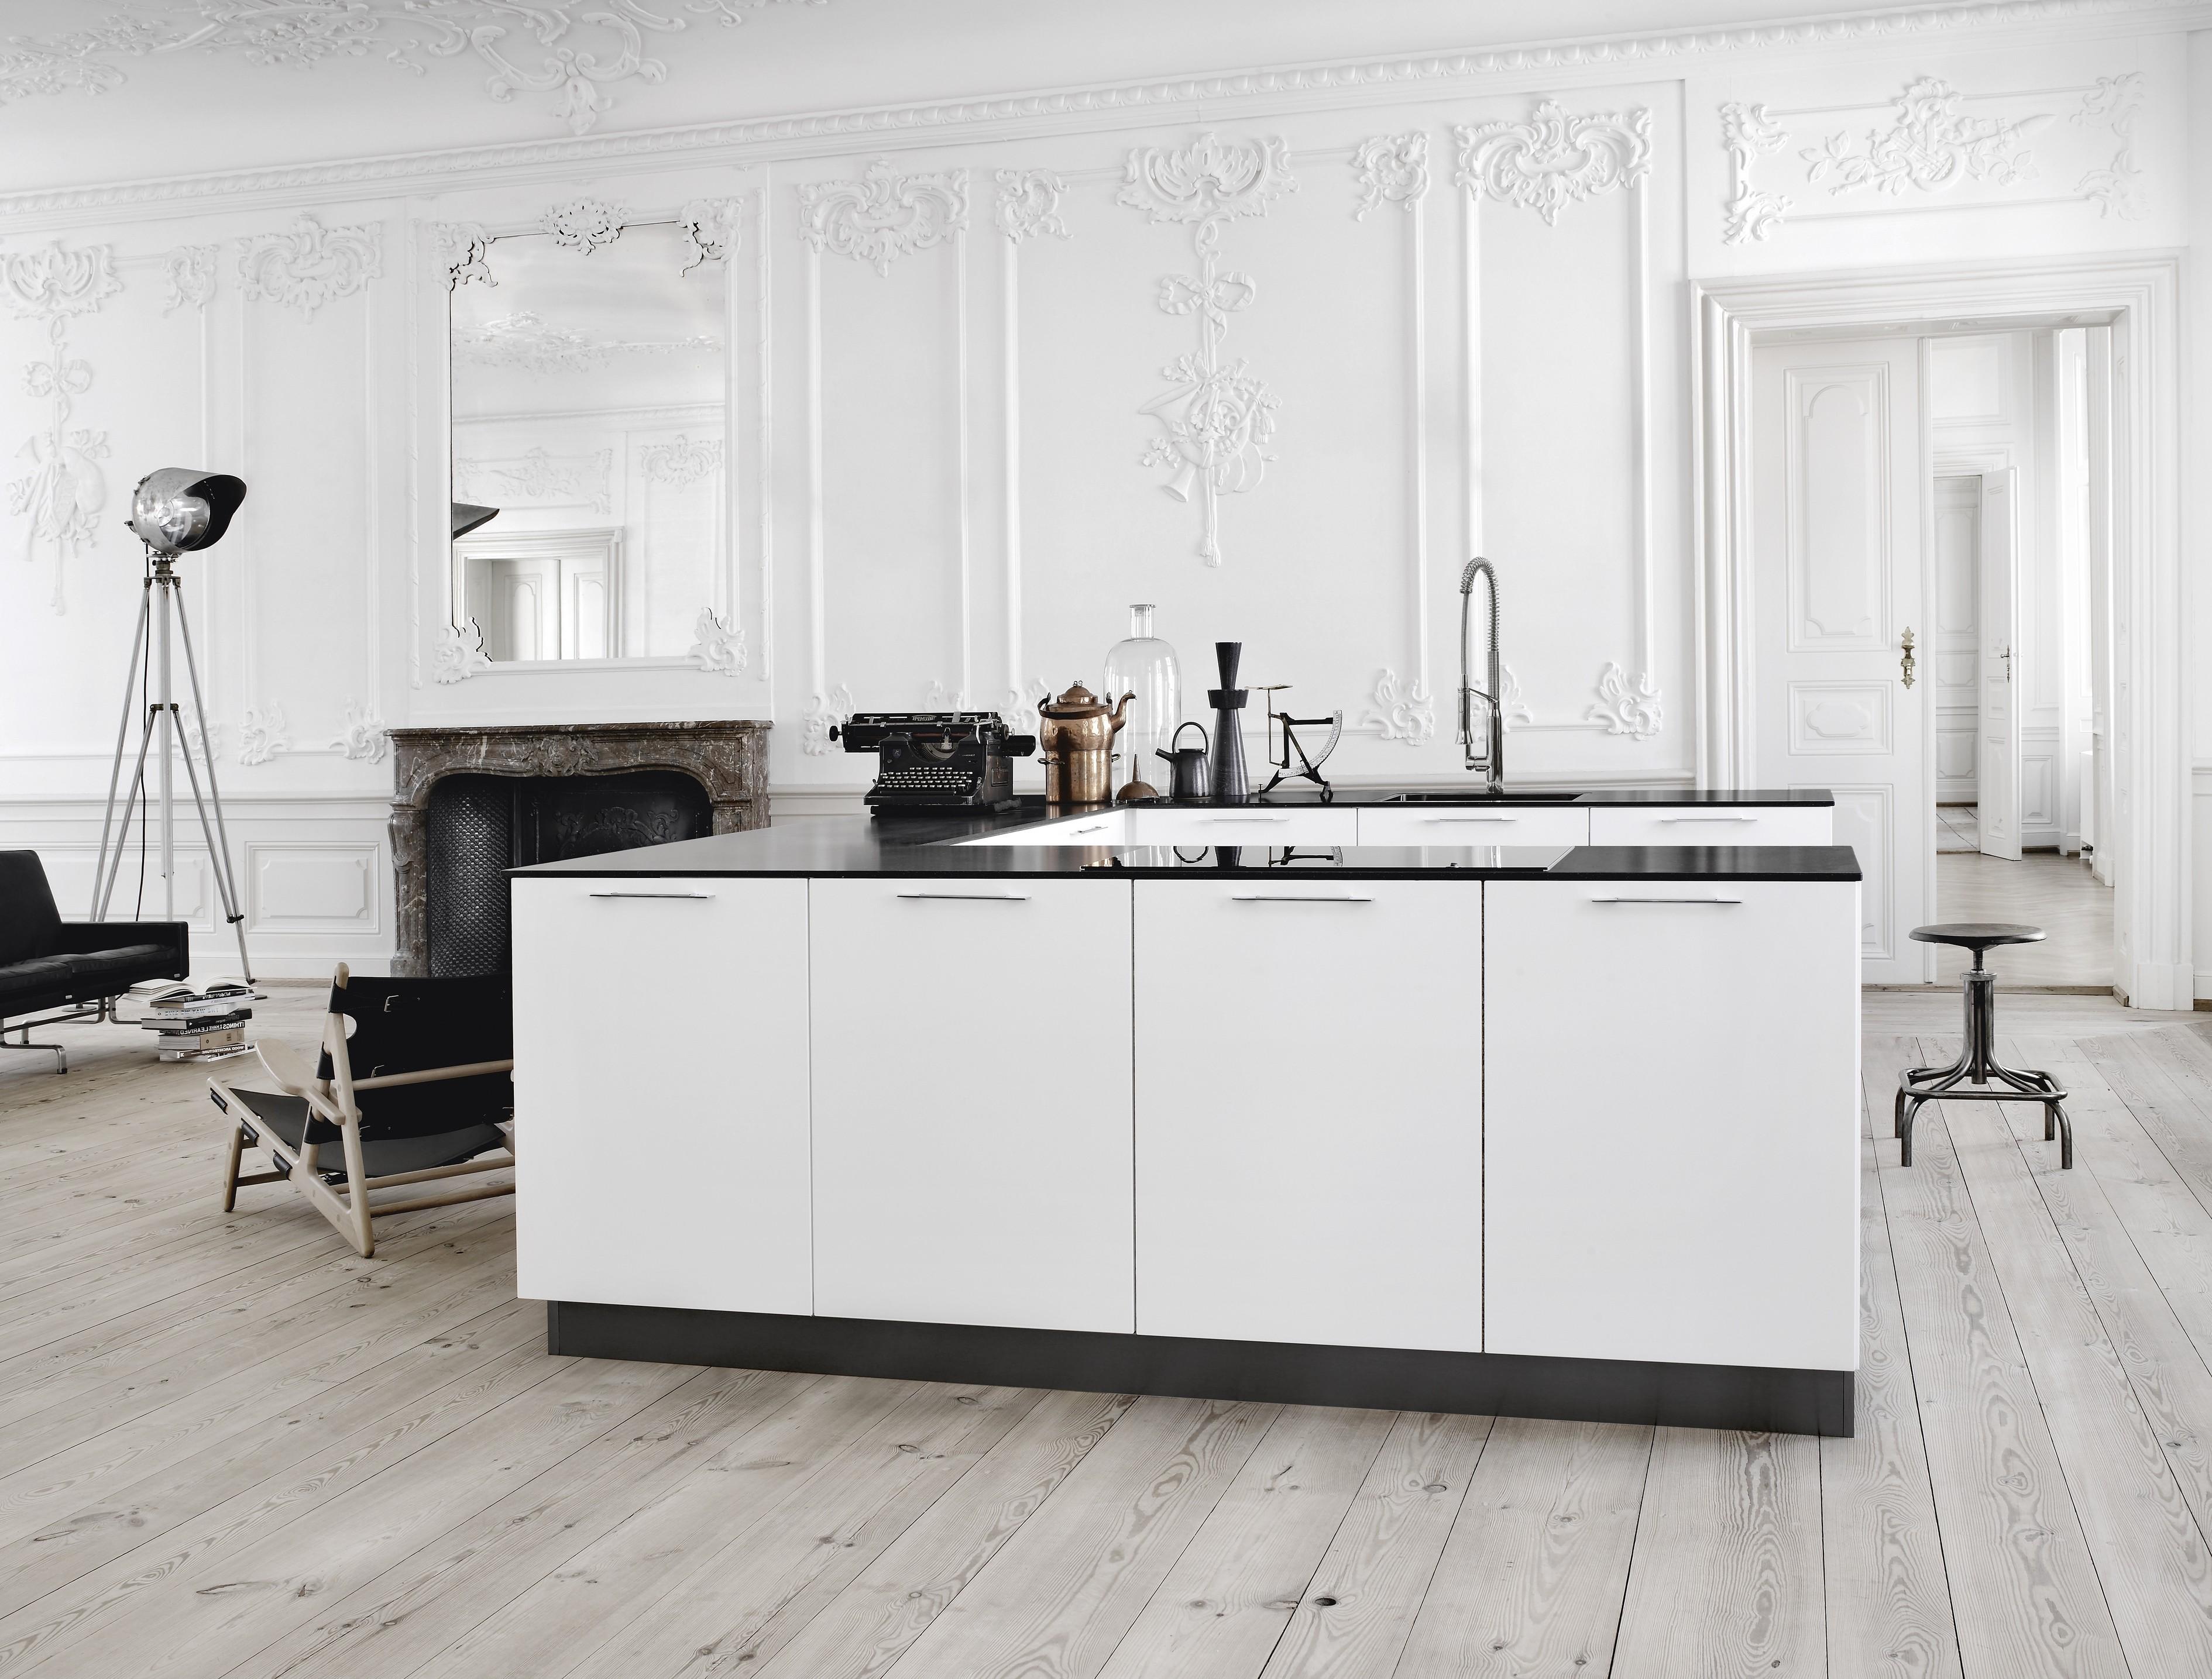 poign 233 es meubles cuisine ikea cuisine id 233 es de d 233 coration de maison 9odojb3ley